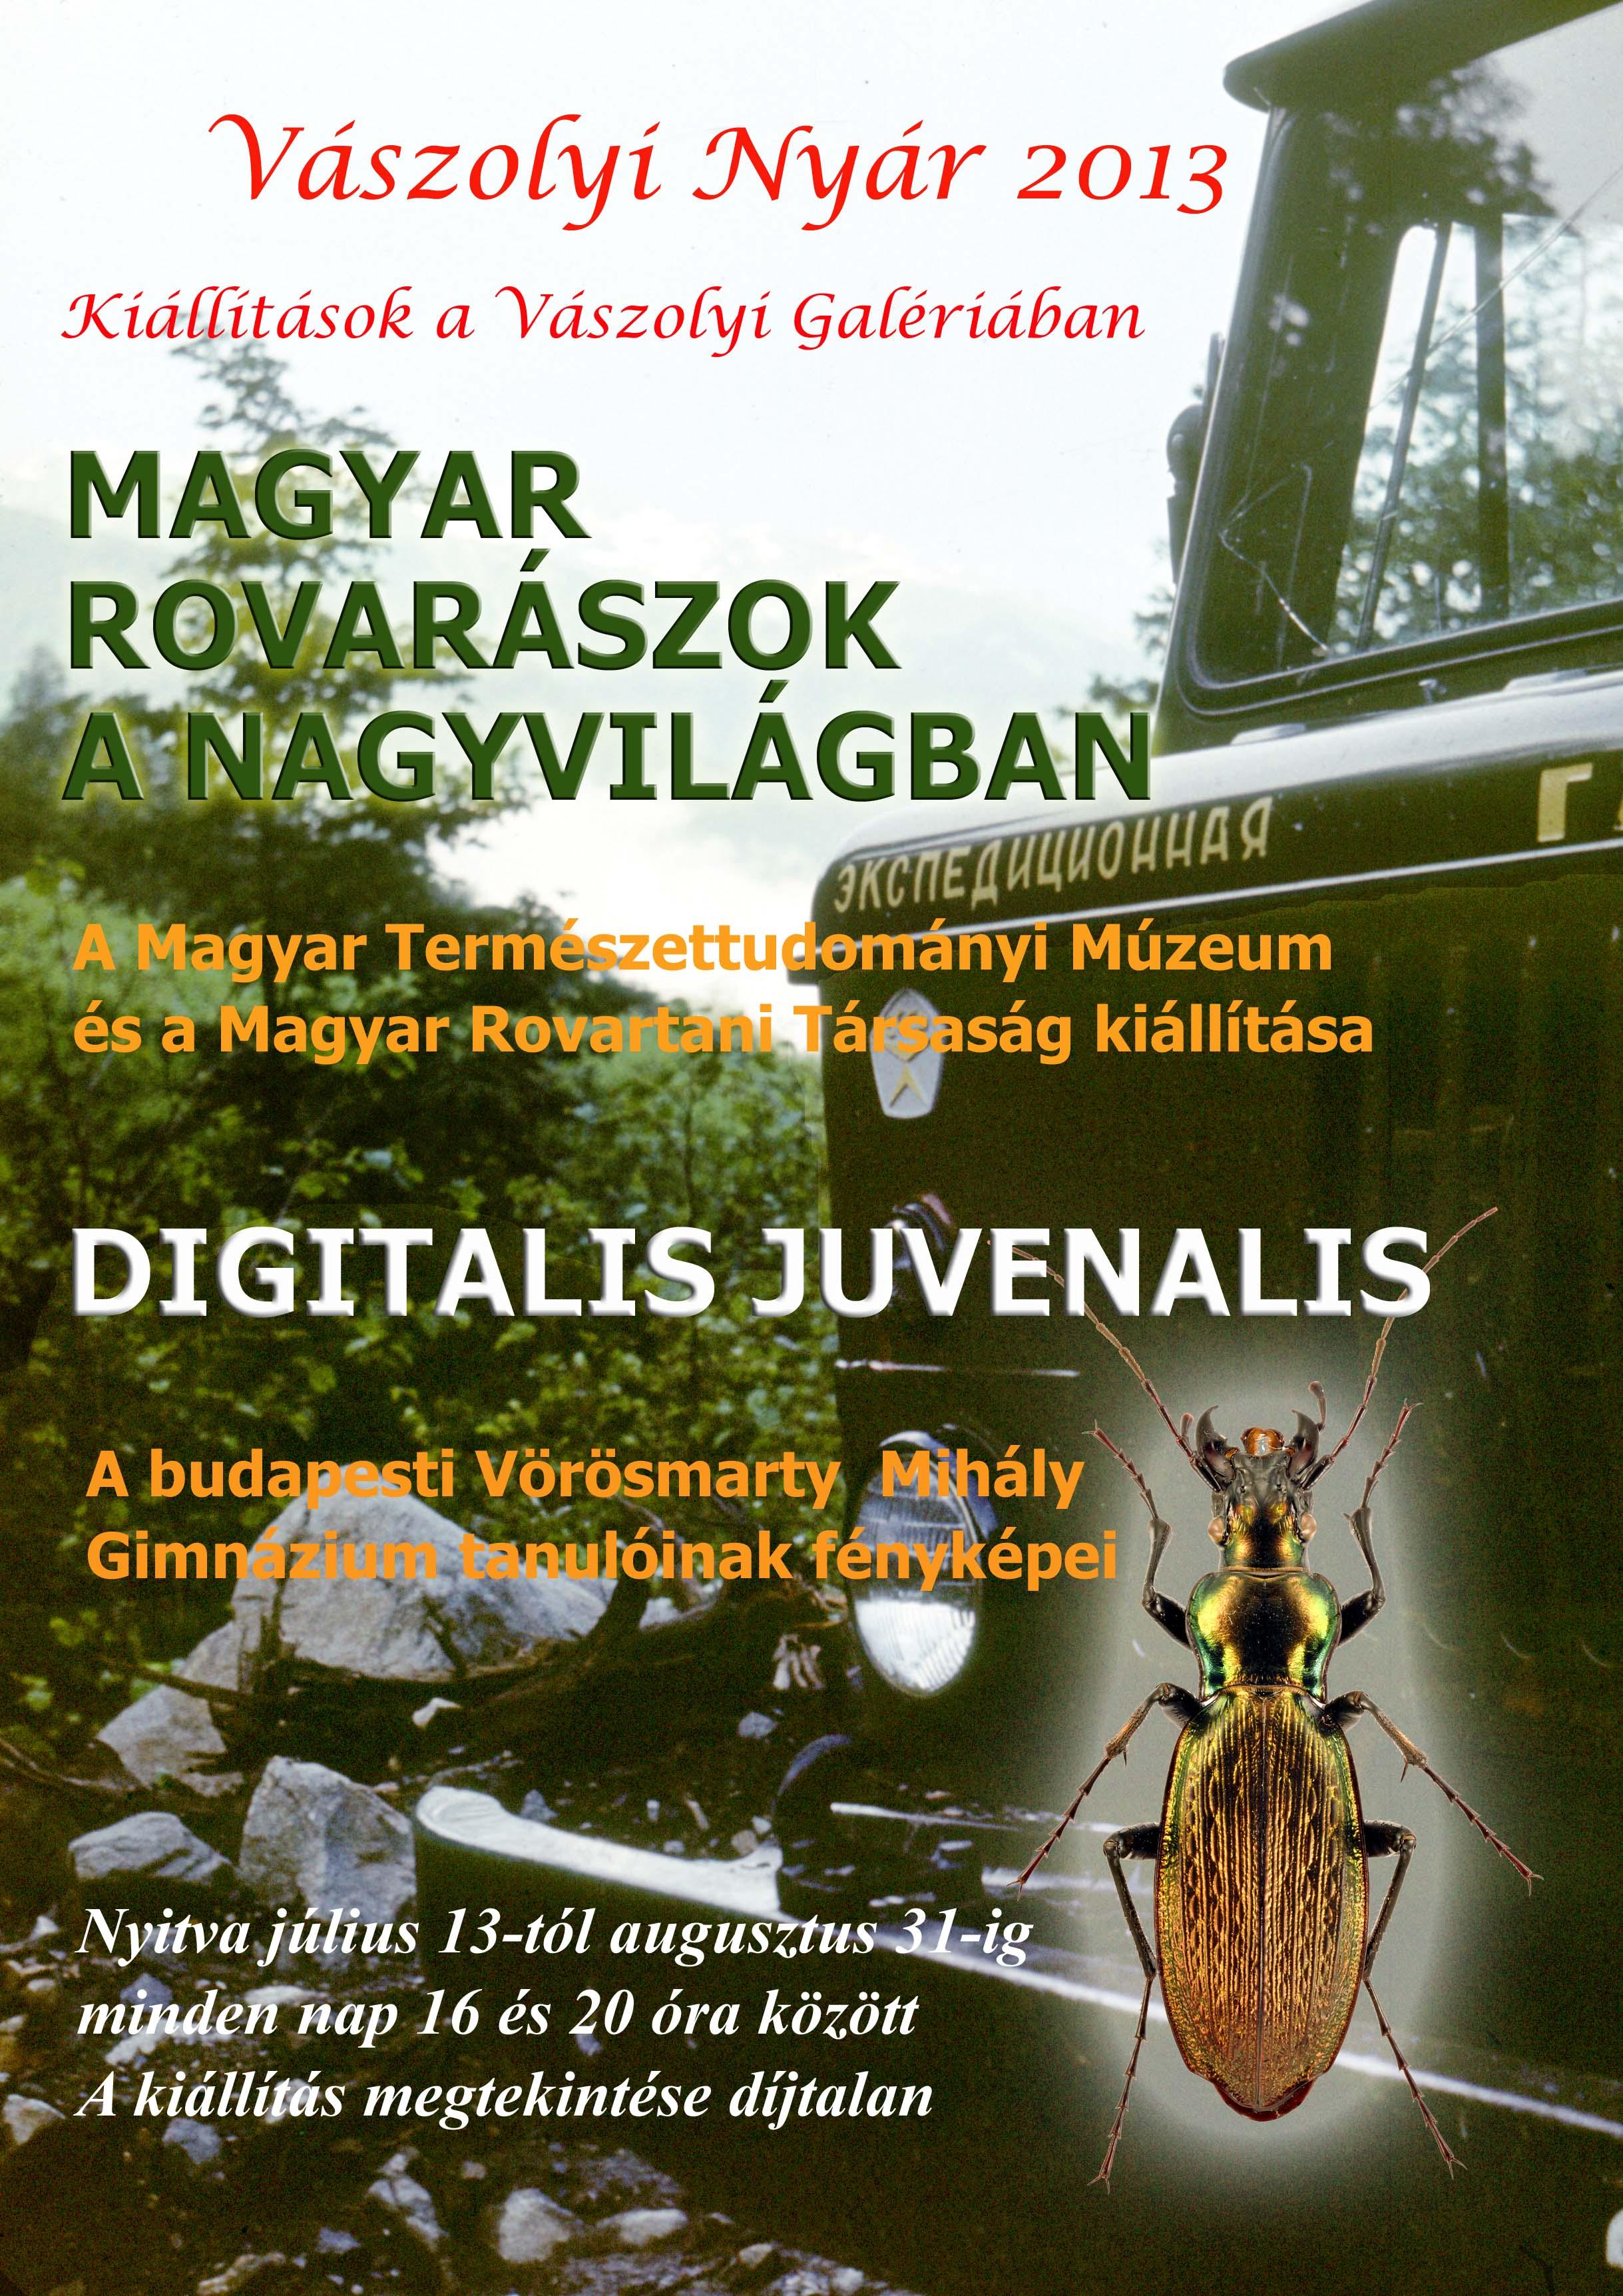 Magyar Rovarászok a nagyvilágban